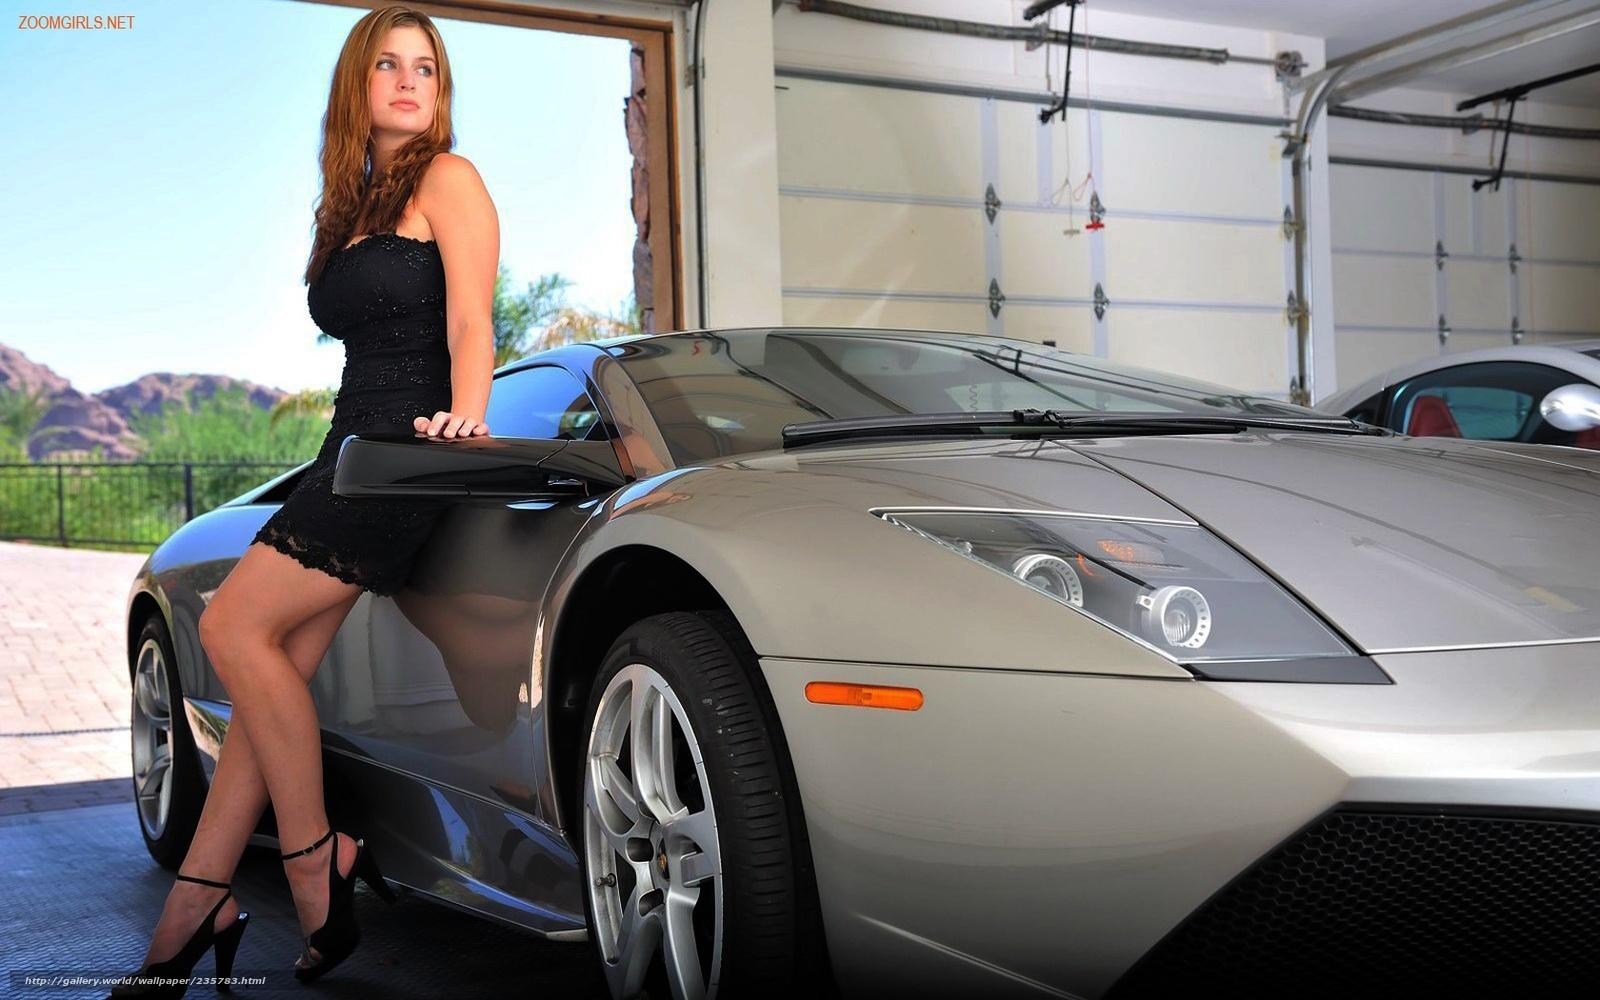 Рыжие девушки с машинами фото 9 фотография